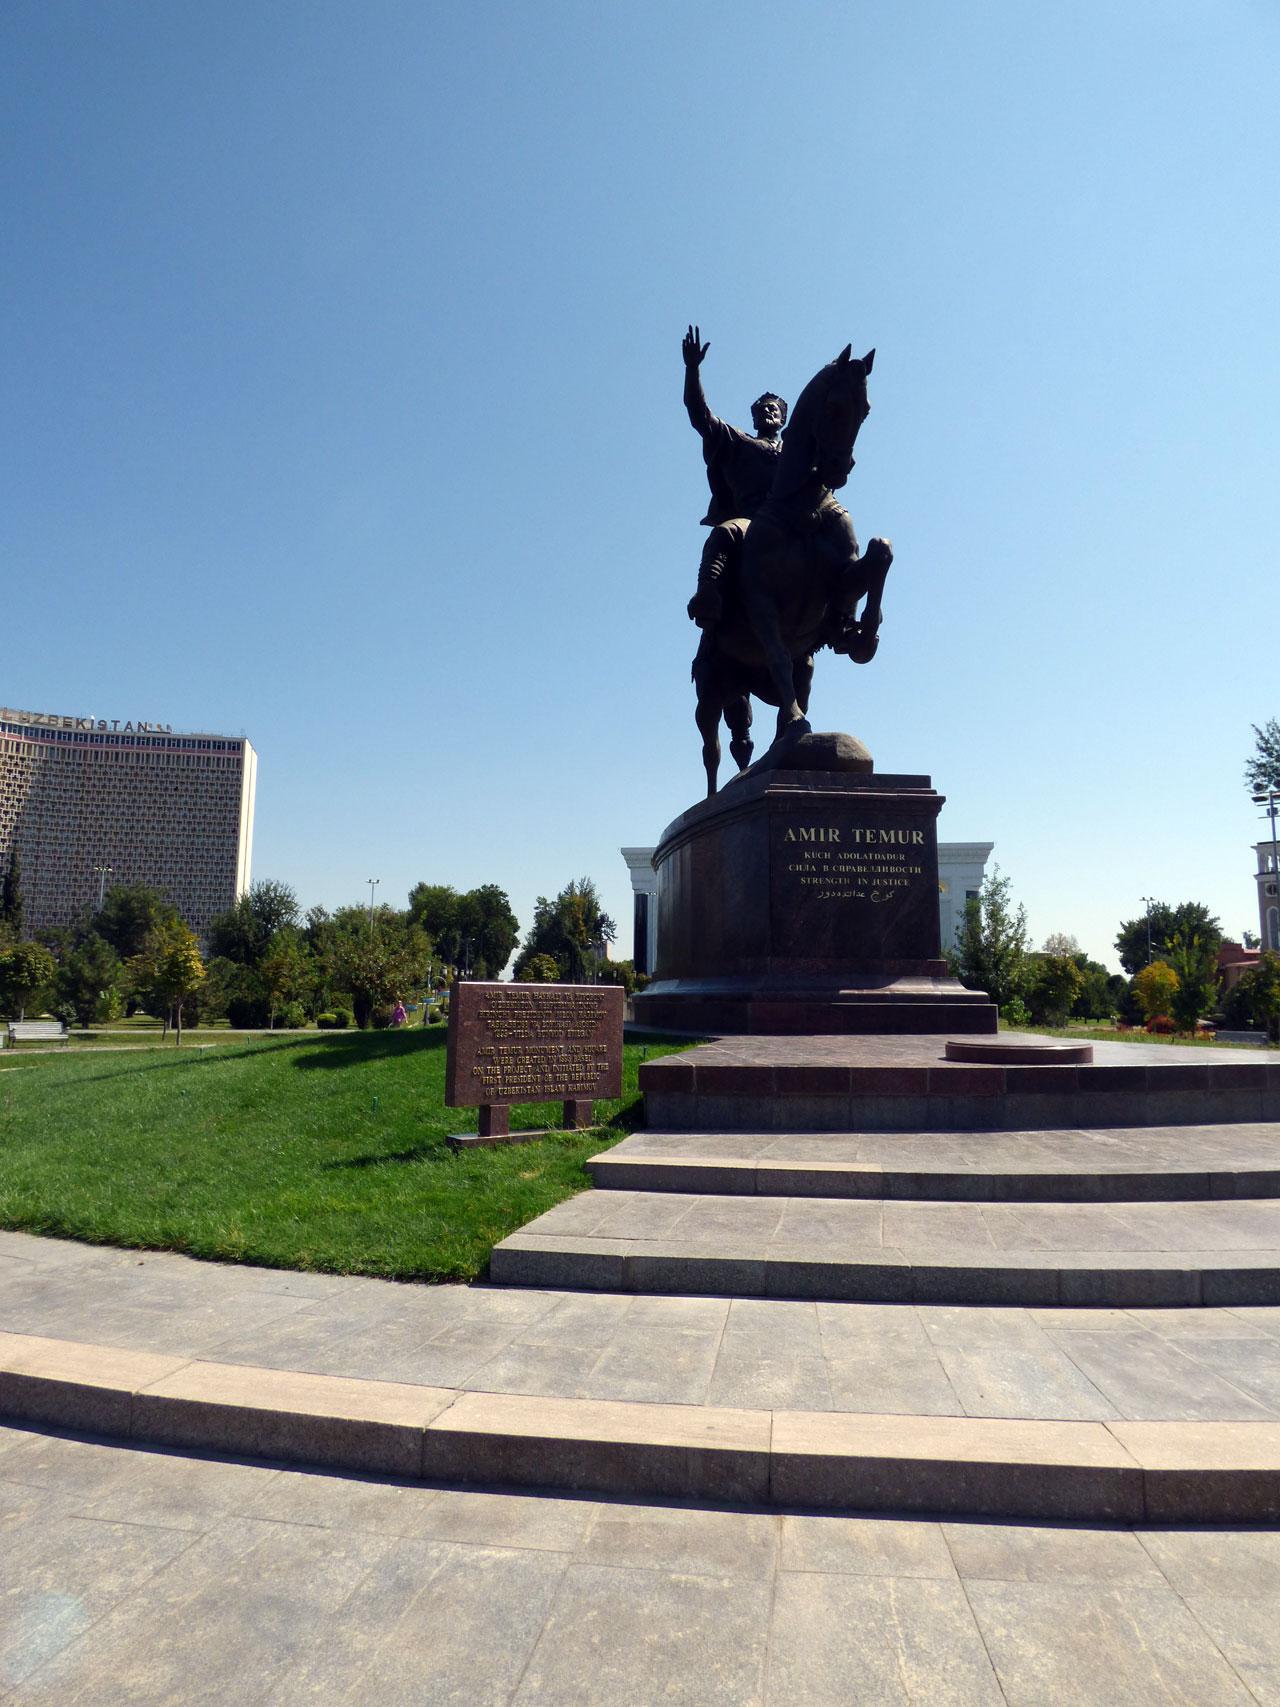 Amir Timur maydoni, Tashkent